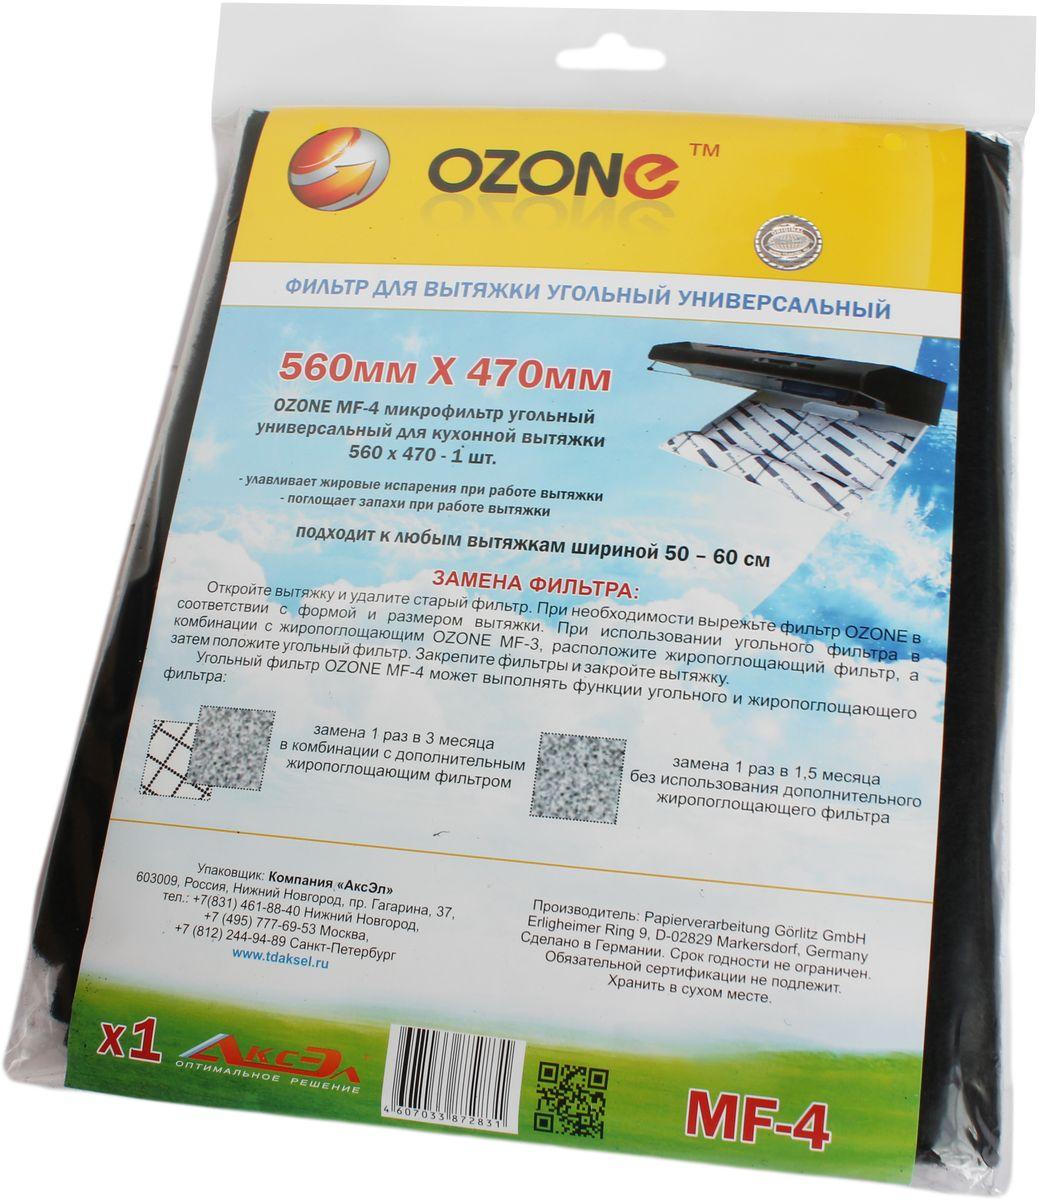 Ozone MF-4 микрофильтр для вытяжки угольный универсальныйMF-4Ozone MF-4 фильтр для вытяжки угольный универсальный 560х470 мм - 1 шт. Микрофильтр угольный универсальный для кухонной вытяжки. Подходит к любым вытяжкам шириной 50–60 см. Улавливает жировые испарения при работе вытяжки ипоглощает запахи при работе вытяжки.